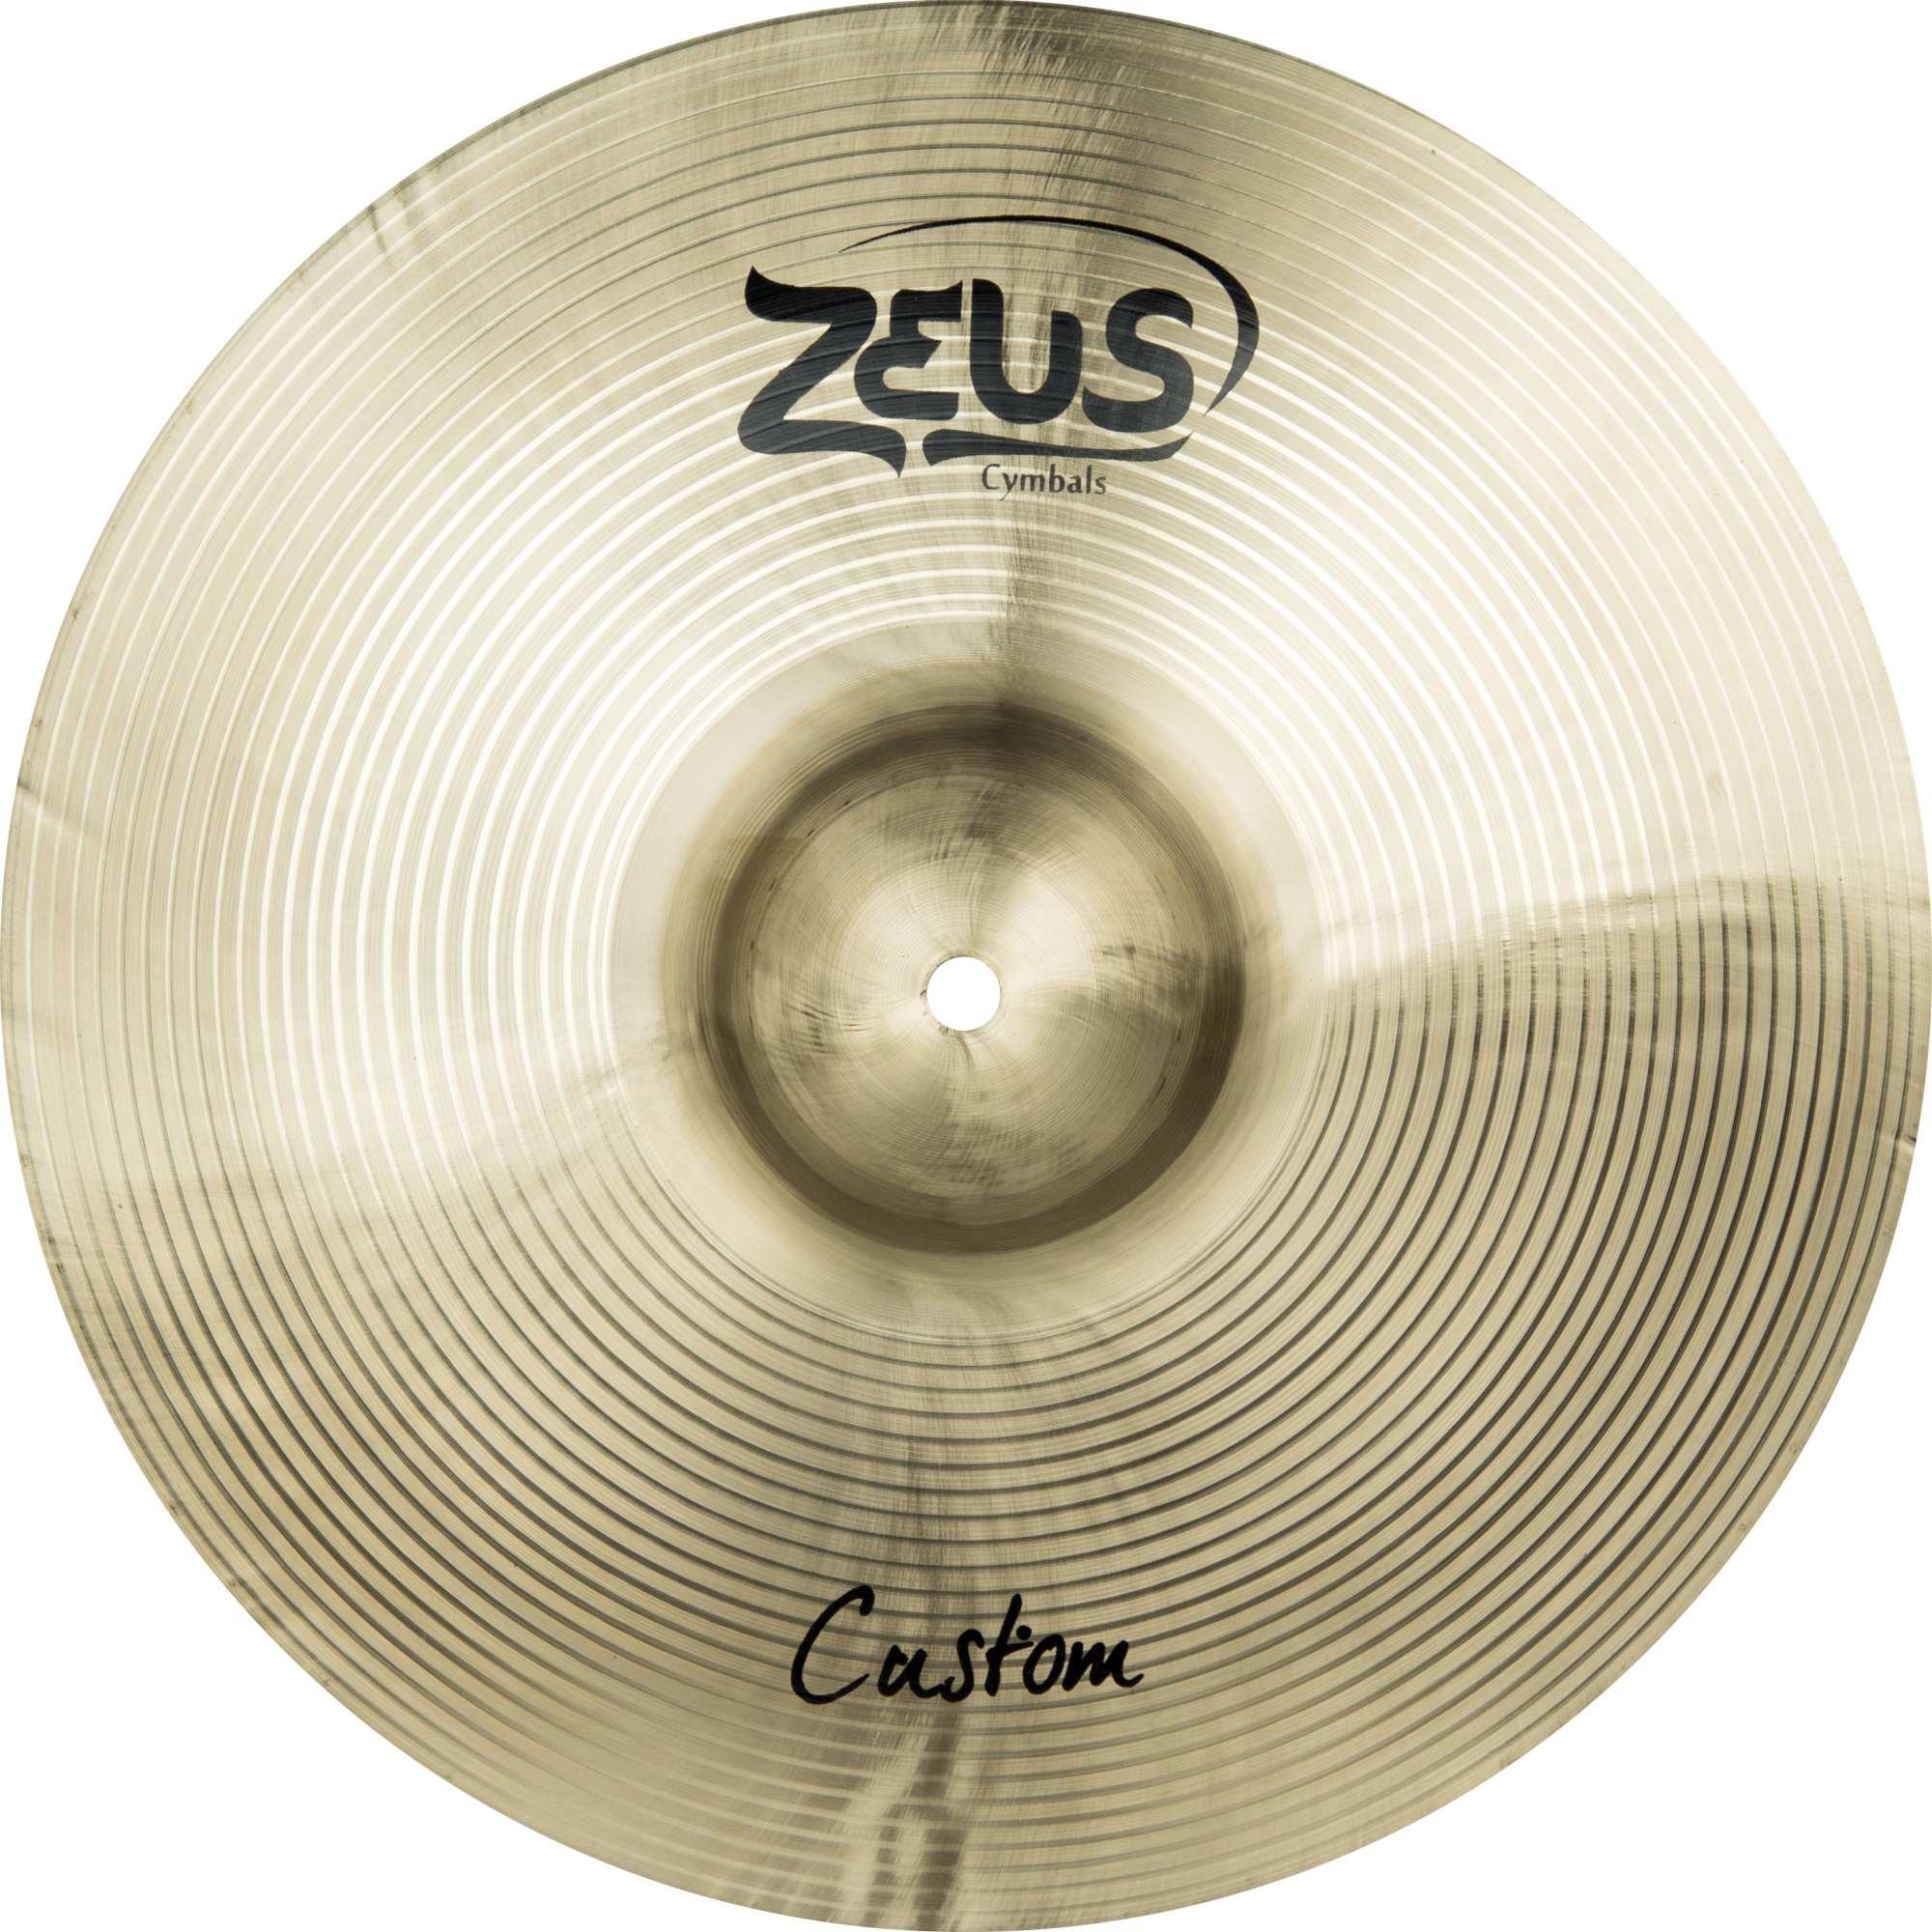 Prato Zeus Custom Hihat 15 Zchh15